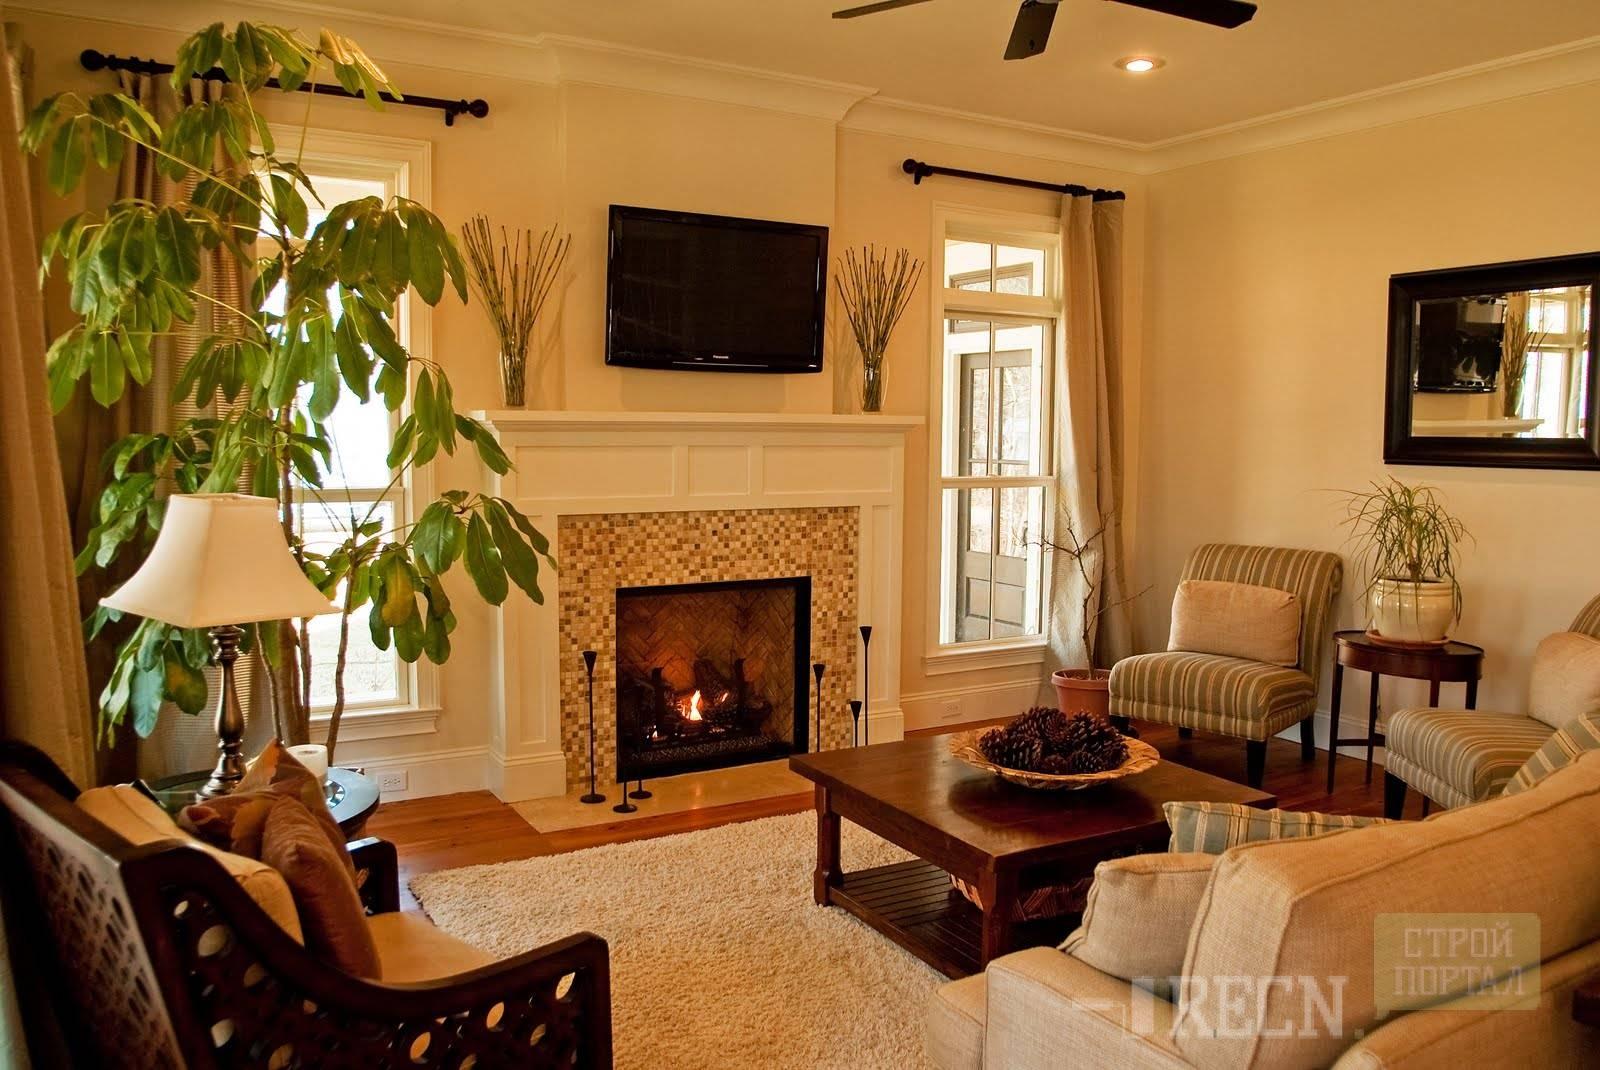 Как сочетать электрический камин и телевизор в гостиной чугунный печи-камины дровяные